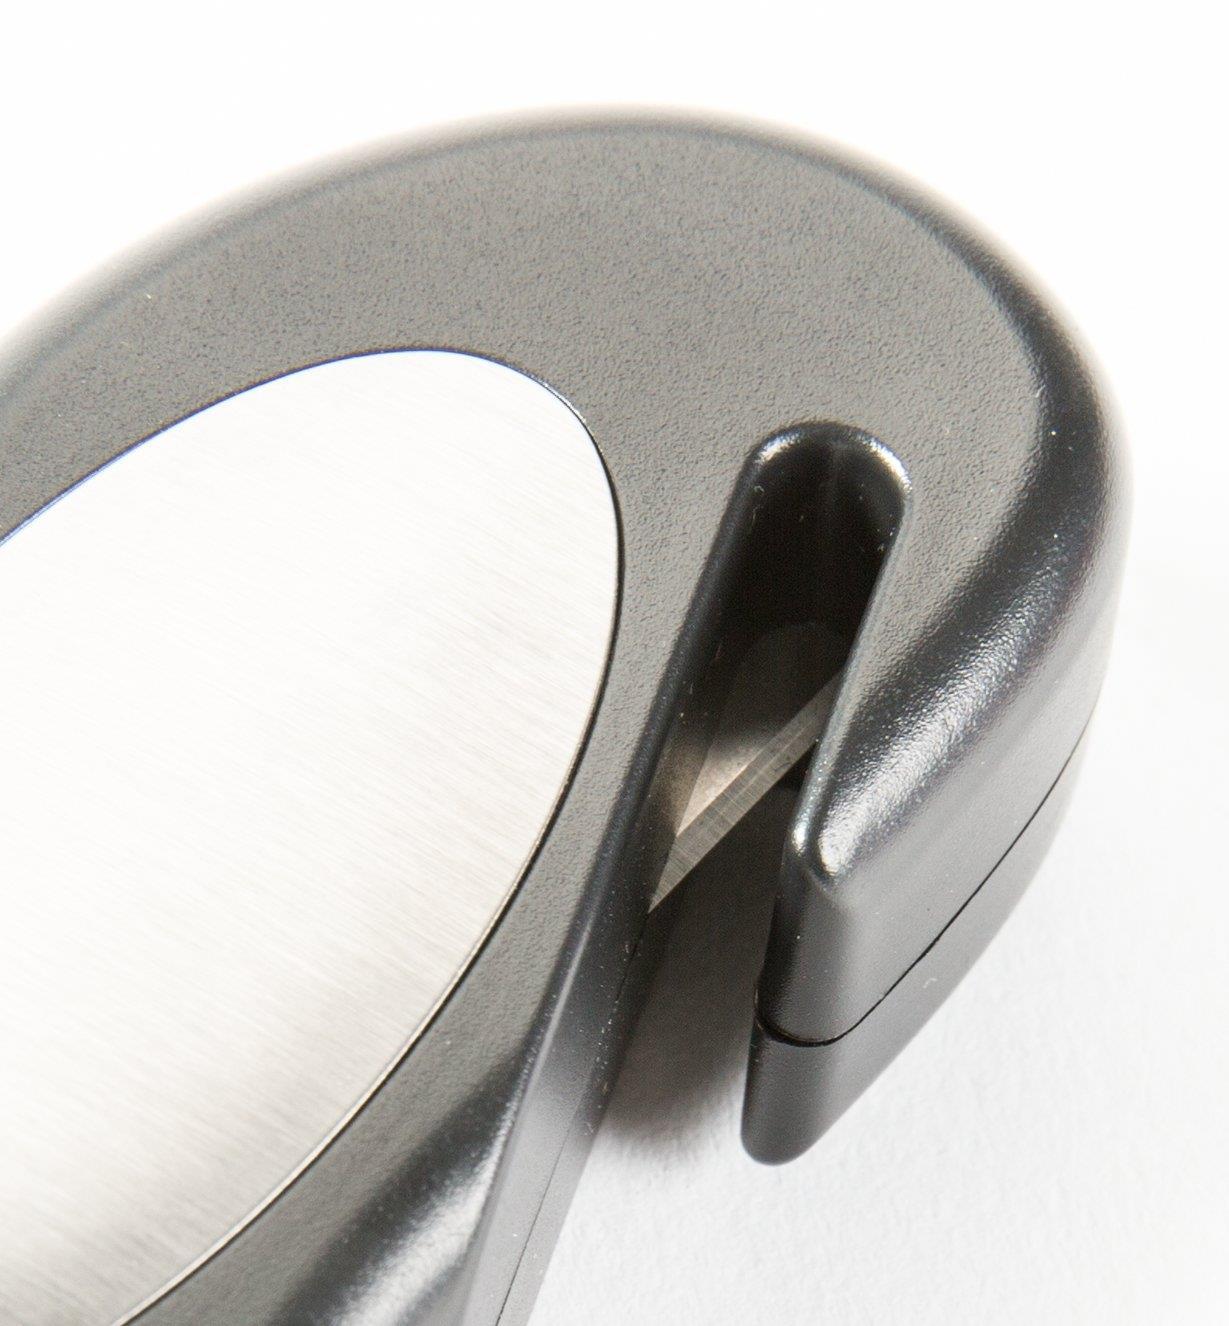 09A0845 - Manomètre numérique pour pneus, 0 à 150lb/po2